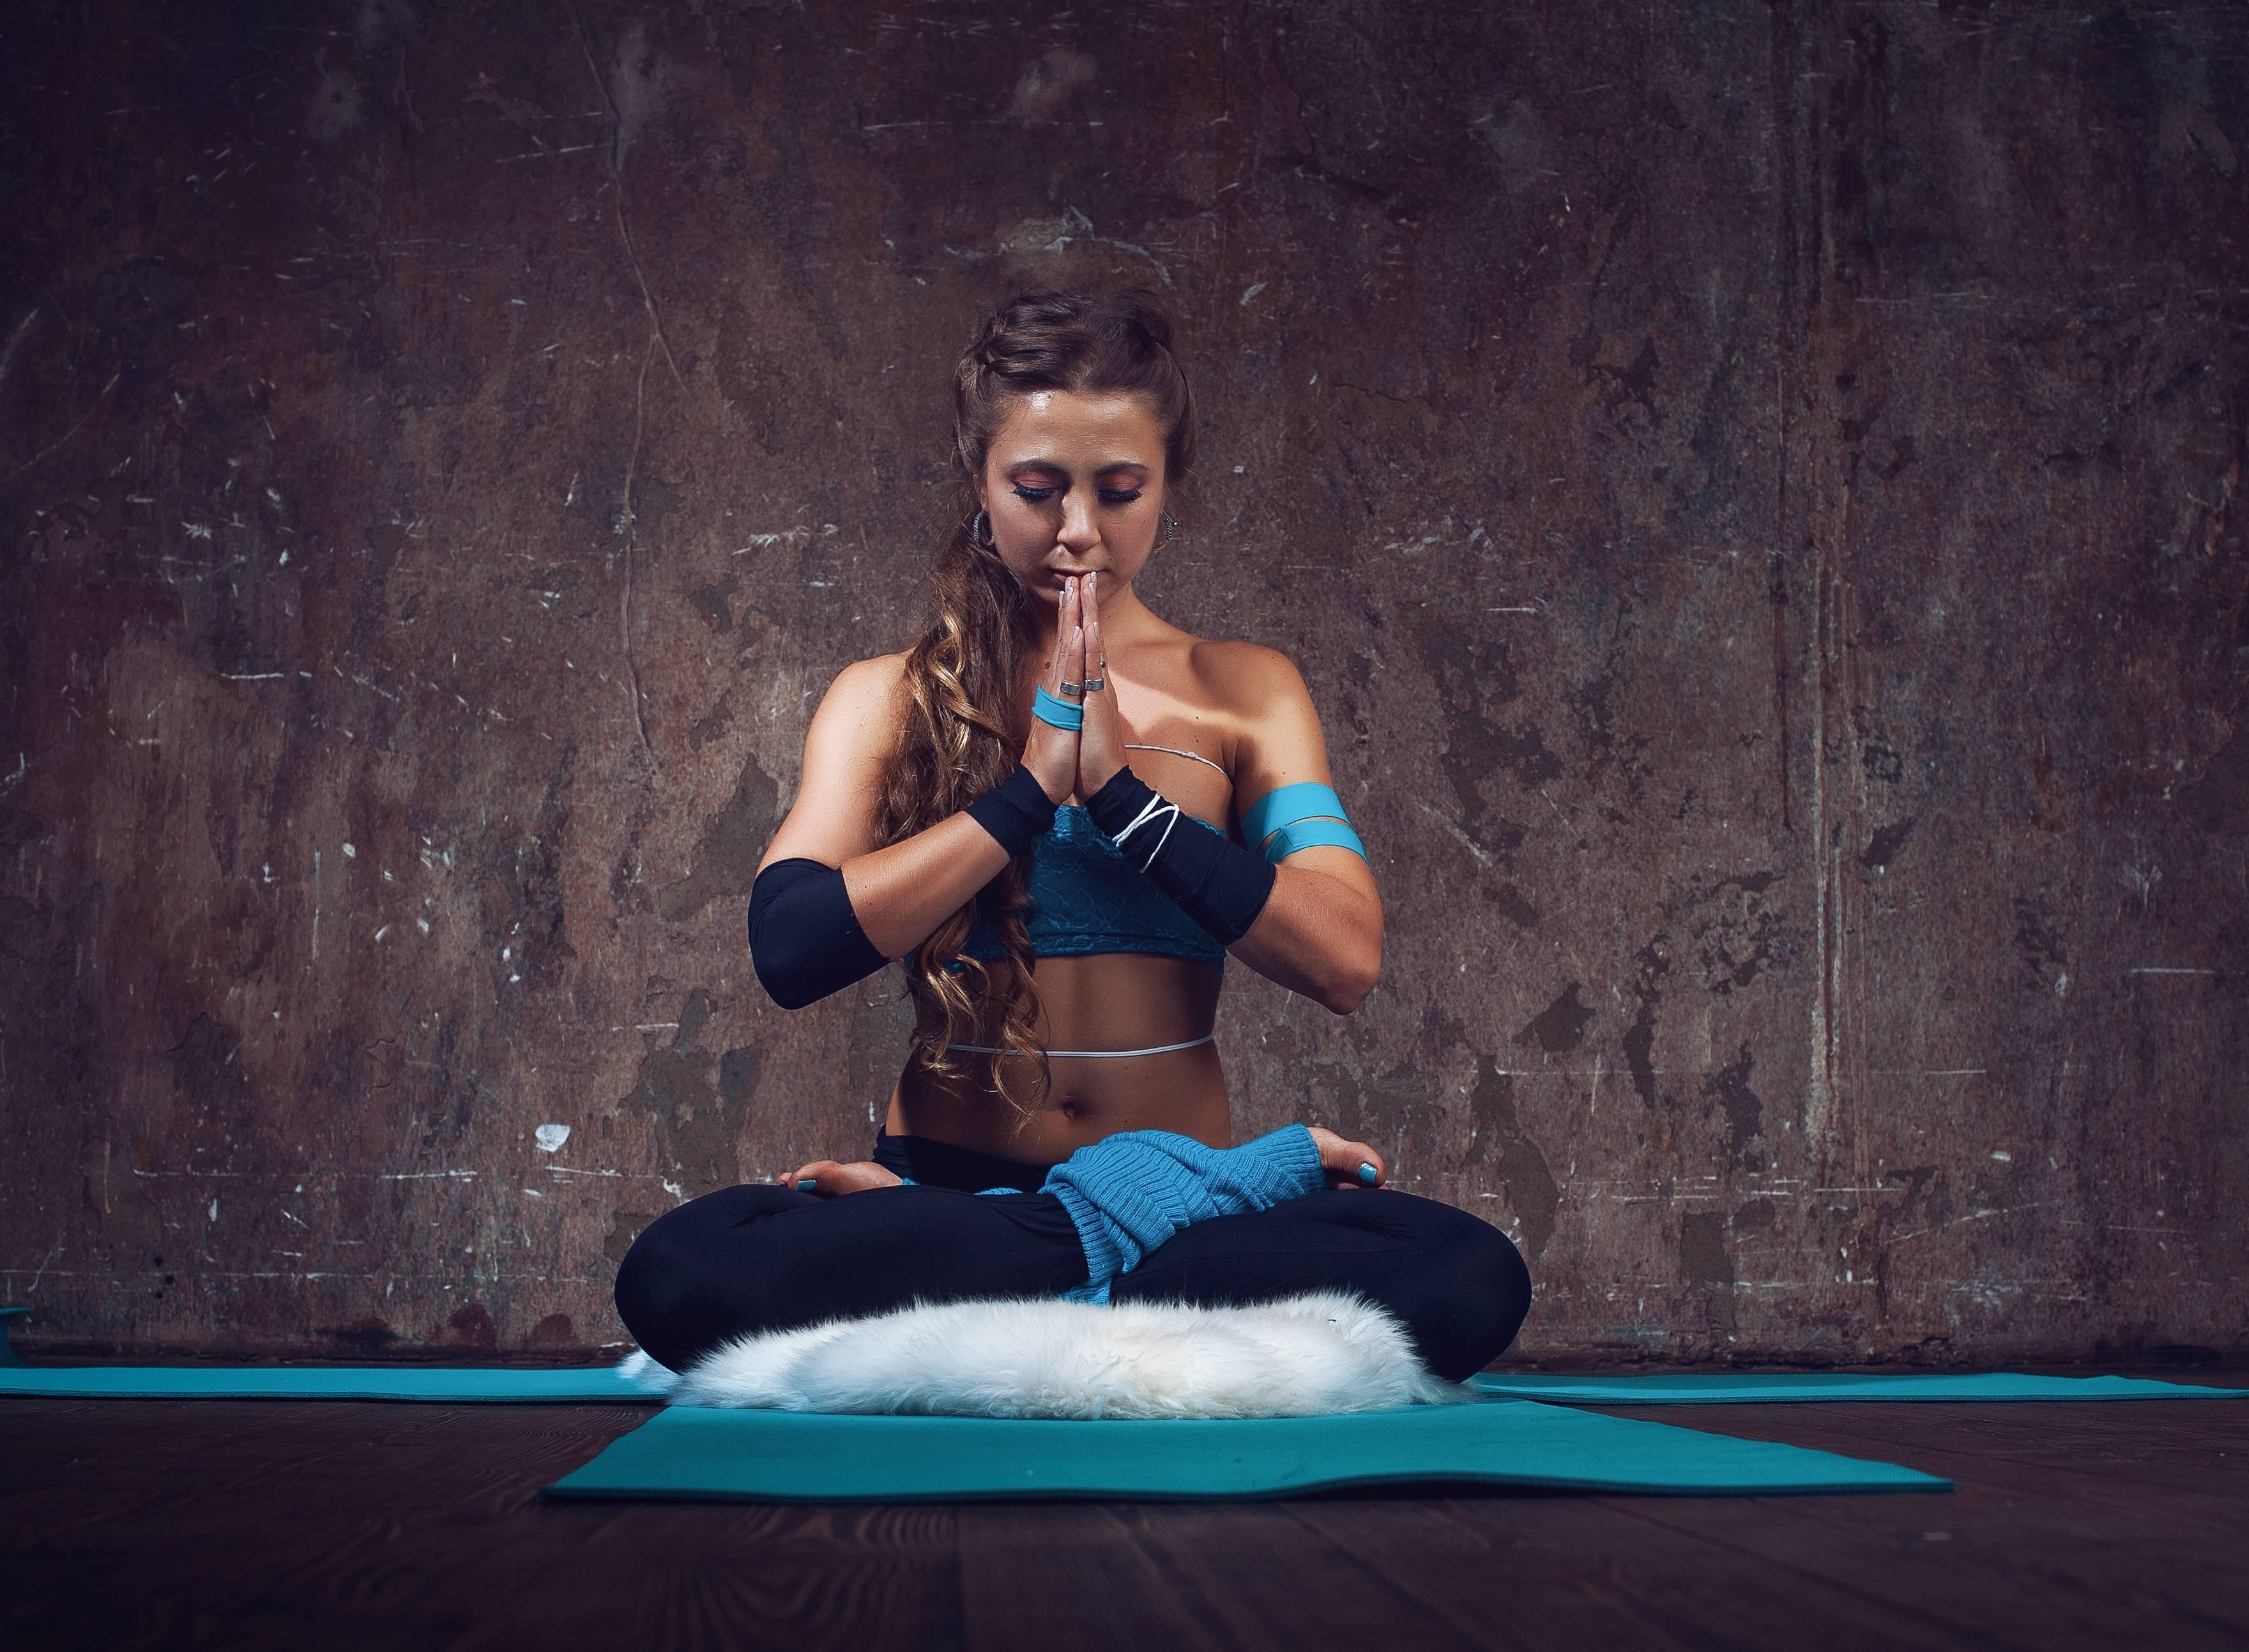 Тренировочная система йога 23: комплексы упражнений для начнающих